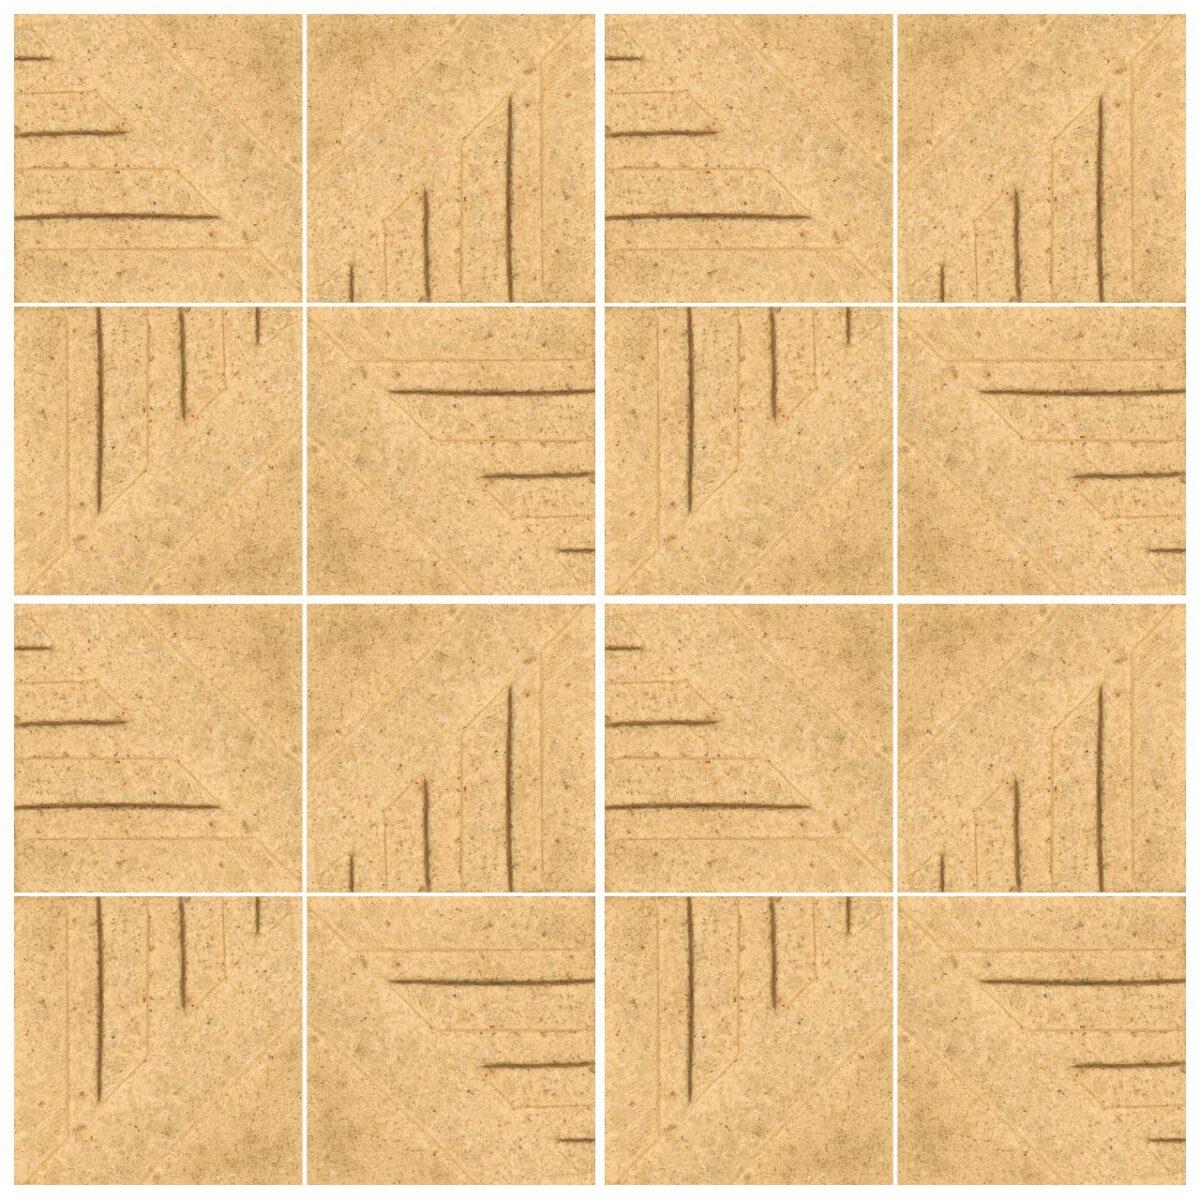 دیوارپوش تندیس و پیکره شهریار مدل آمای کد W1010-06 بسته 16 عددی